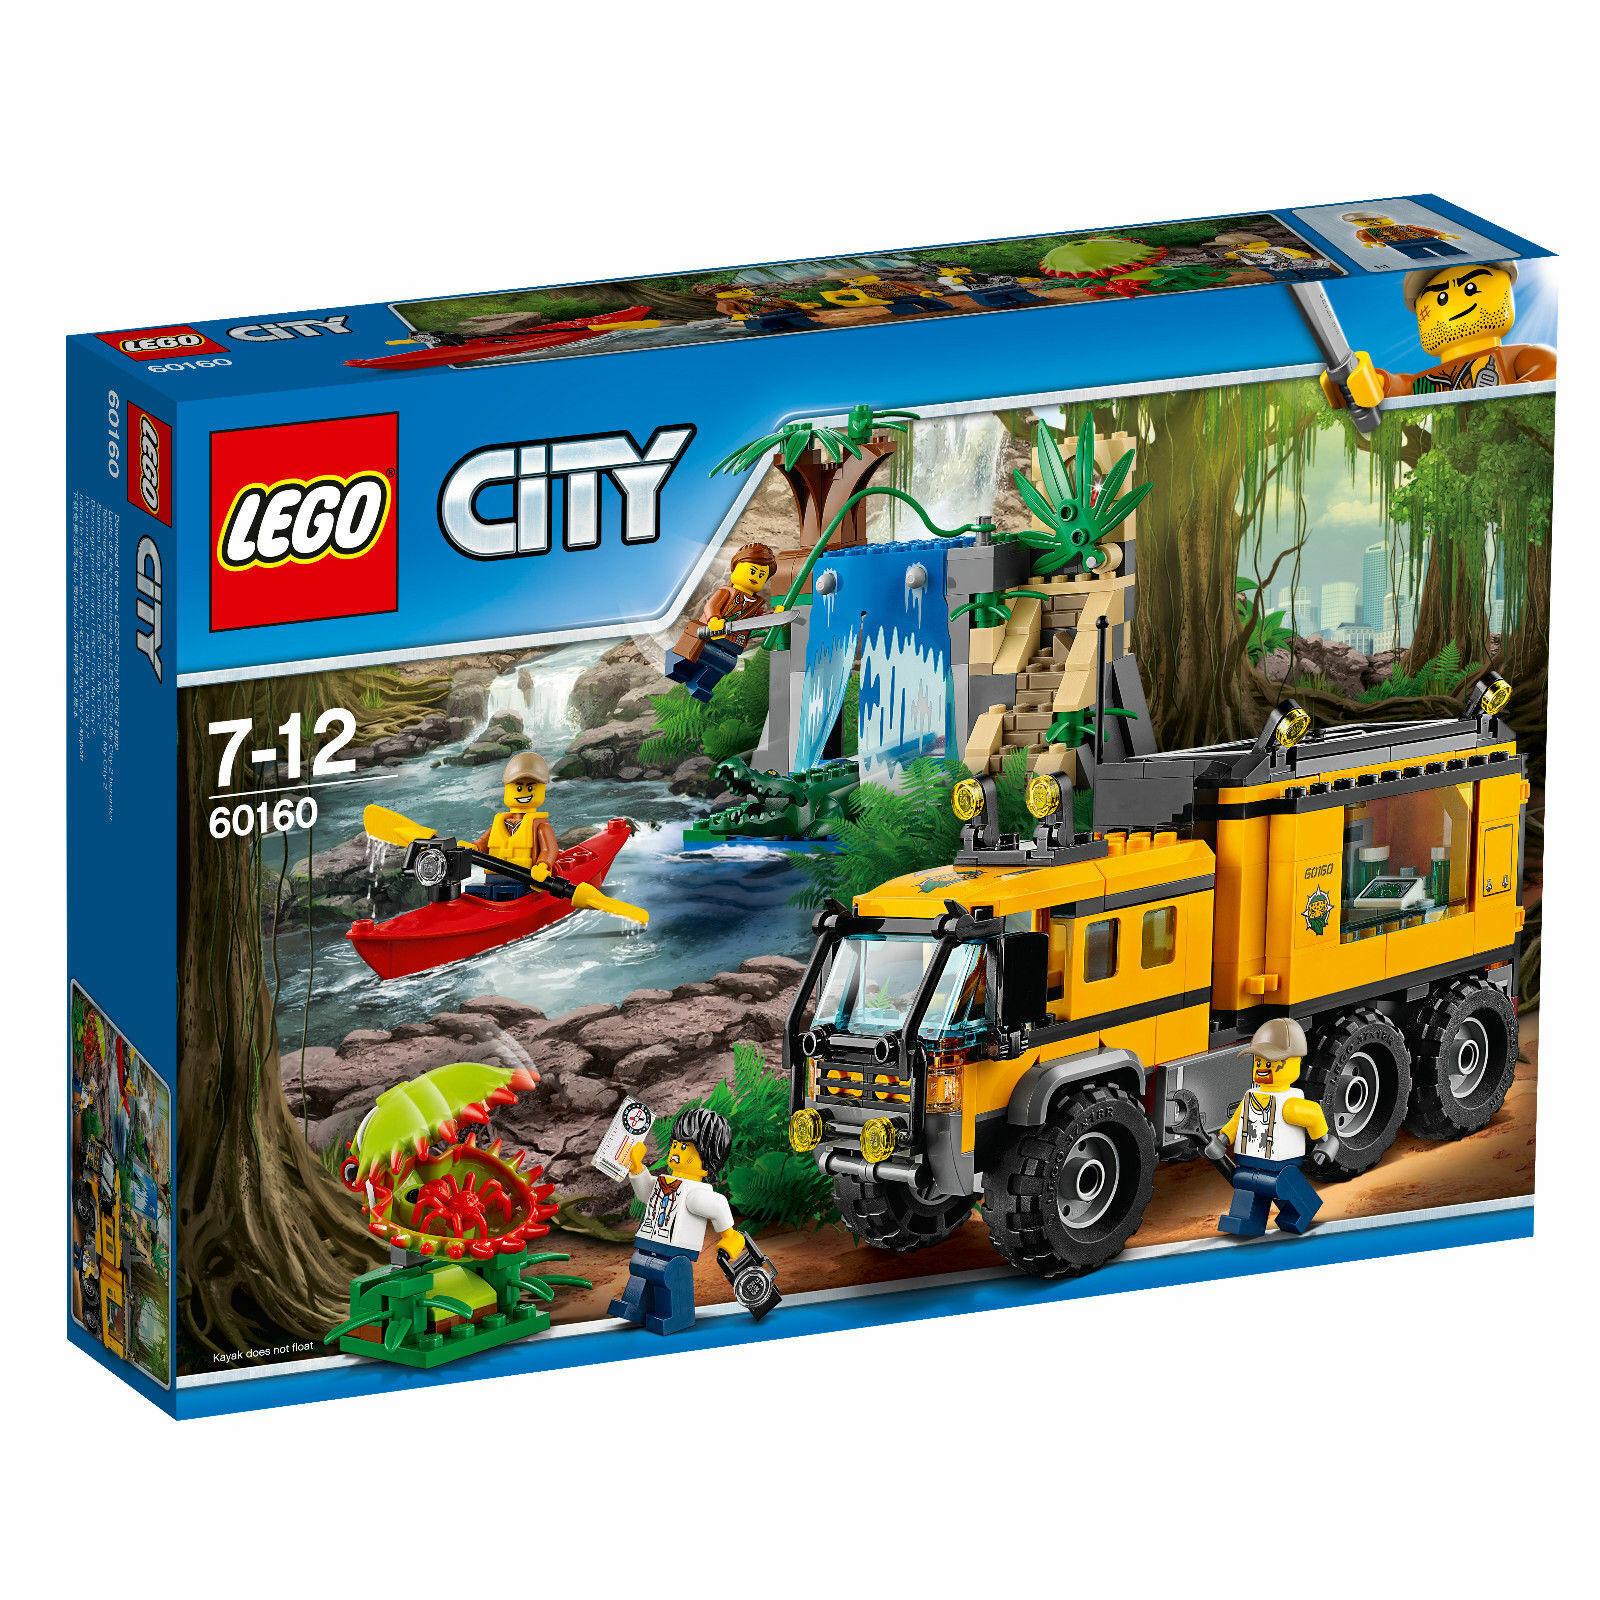 Lego City 60160 Mobile Dschungel-Labor - Nuovo   Conf. Orig.